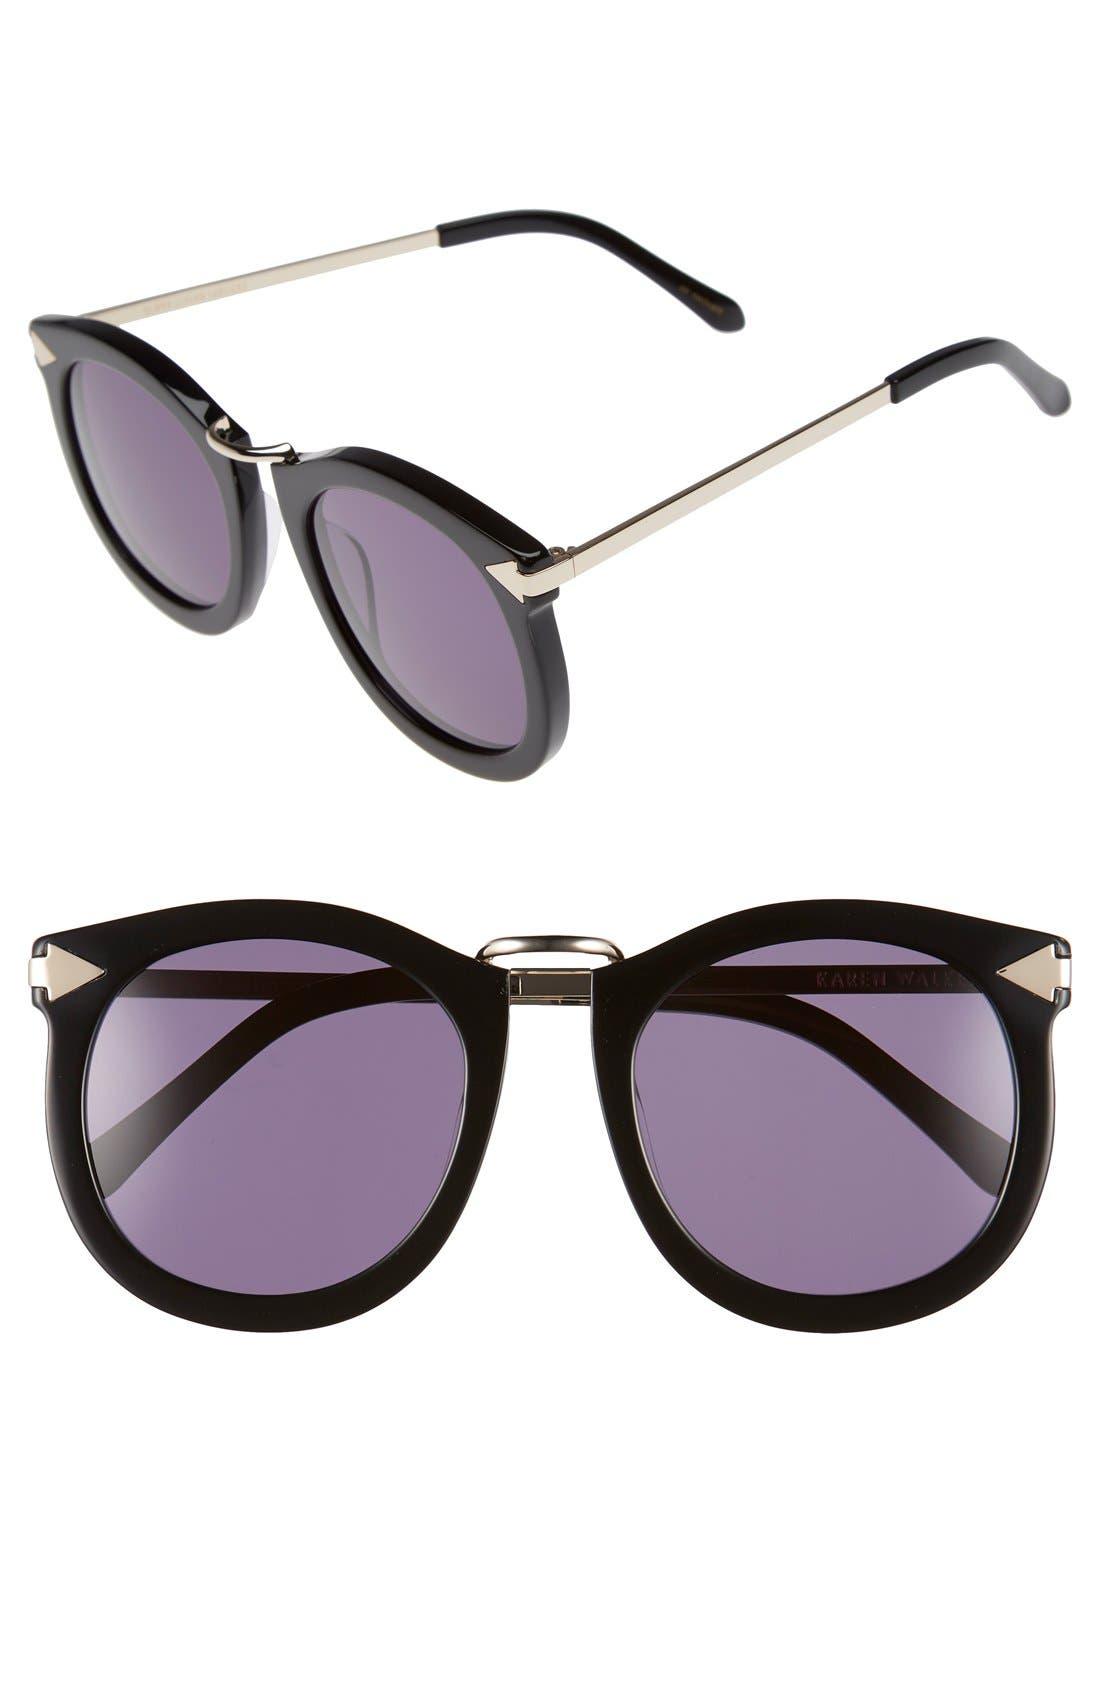 'Super Lunar - Arrowed by Karen' 52mm Sunglasses,                             Main thumbnail 1, color,                             001